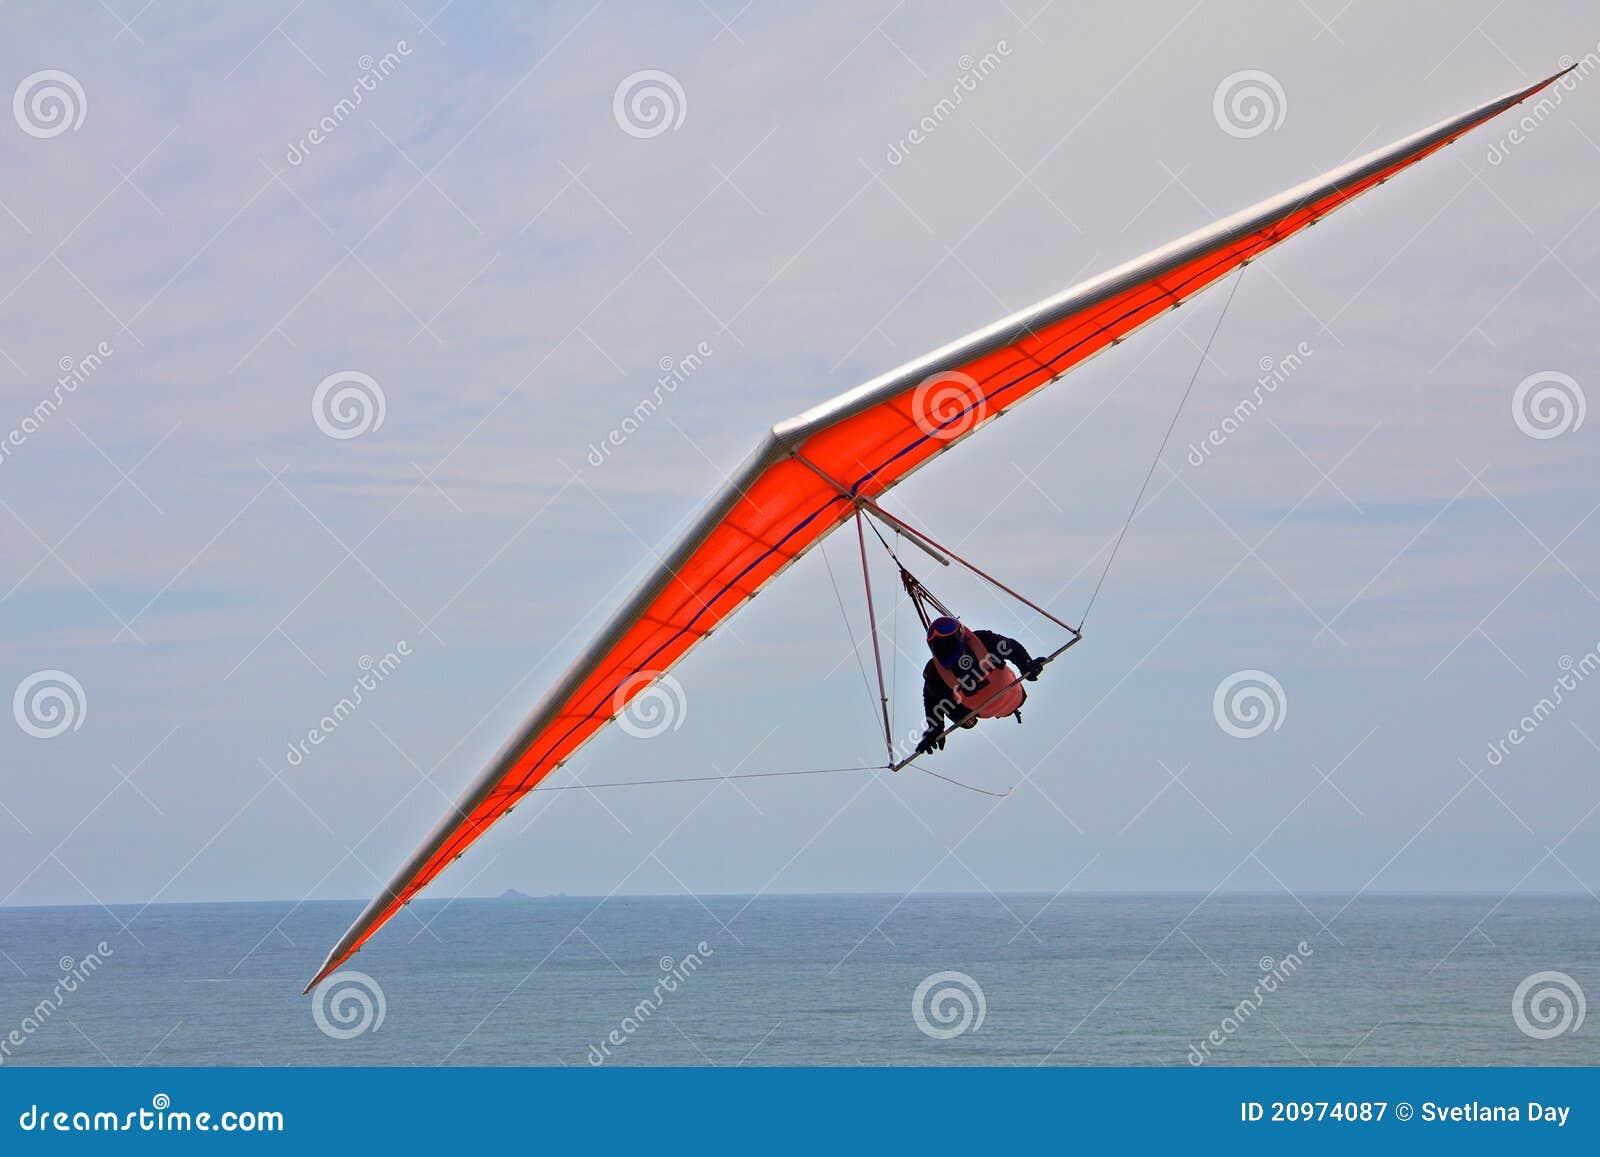 Uomo scivolare di caduta su un ala arancione nel cielo